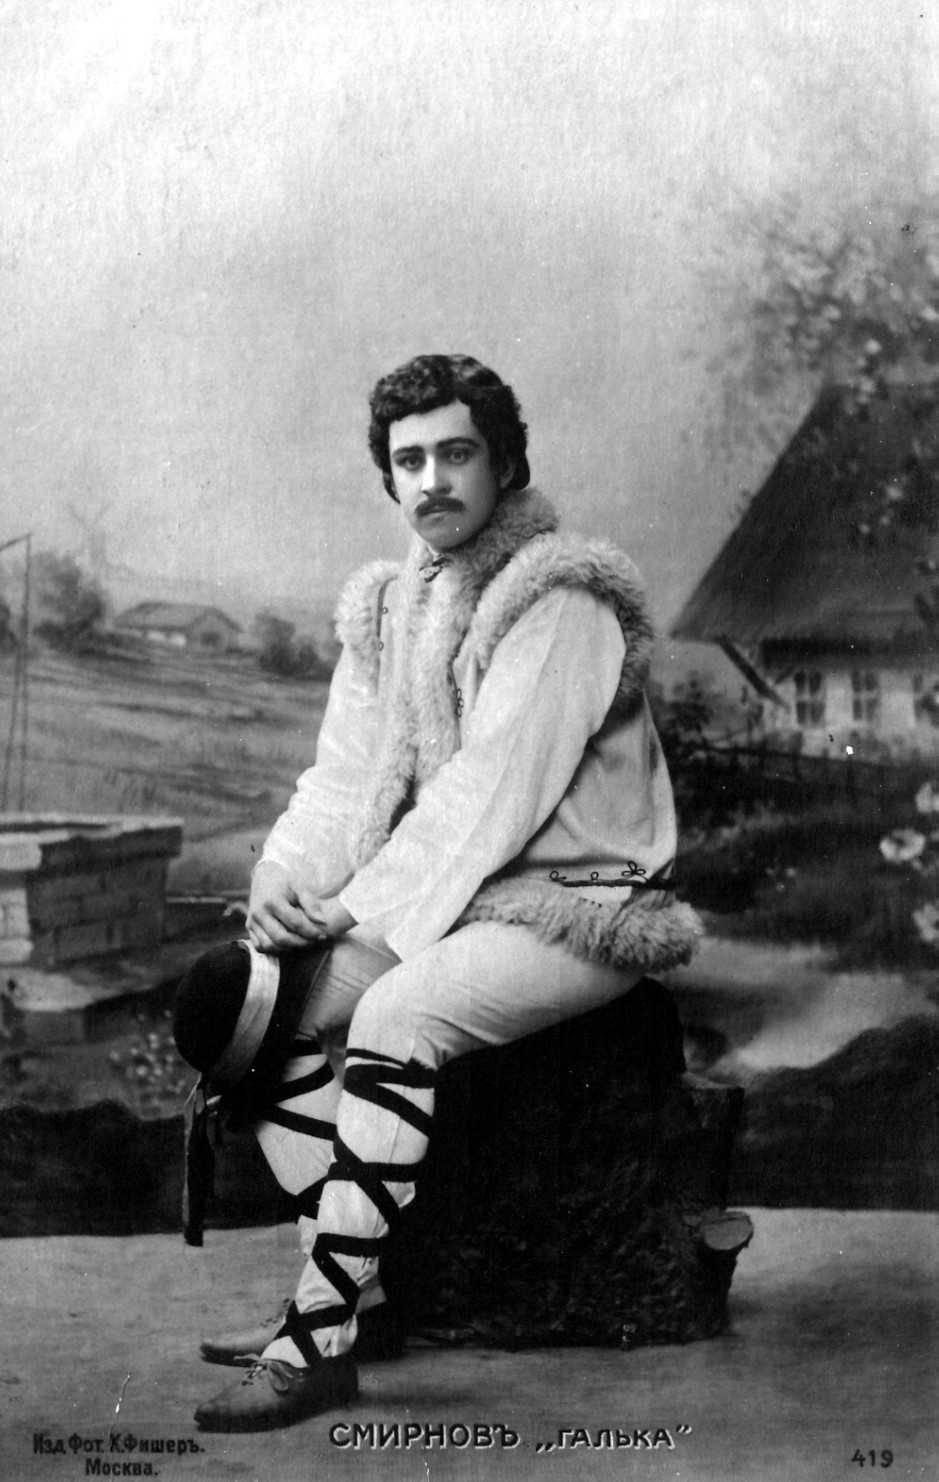 Смирнов Дмитрий Алексеевич — Отечественные певцы